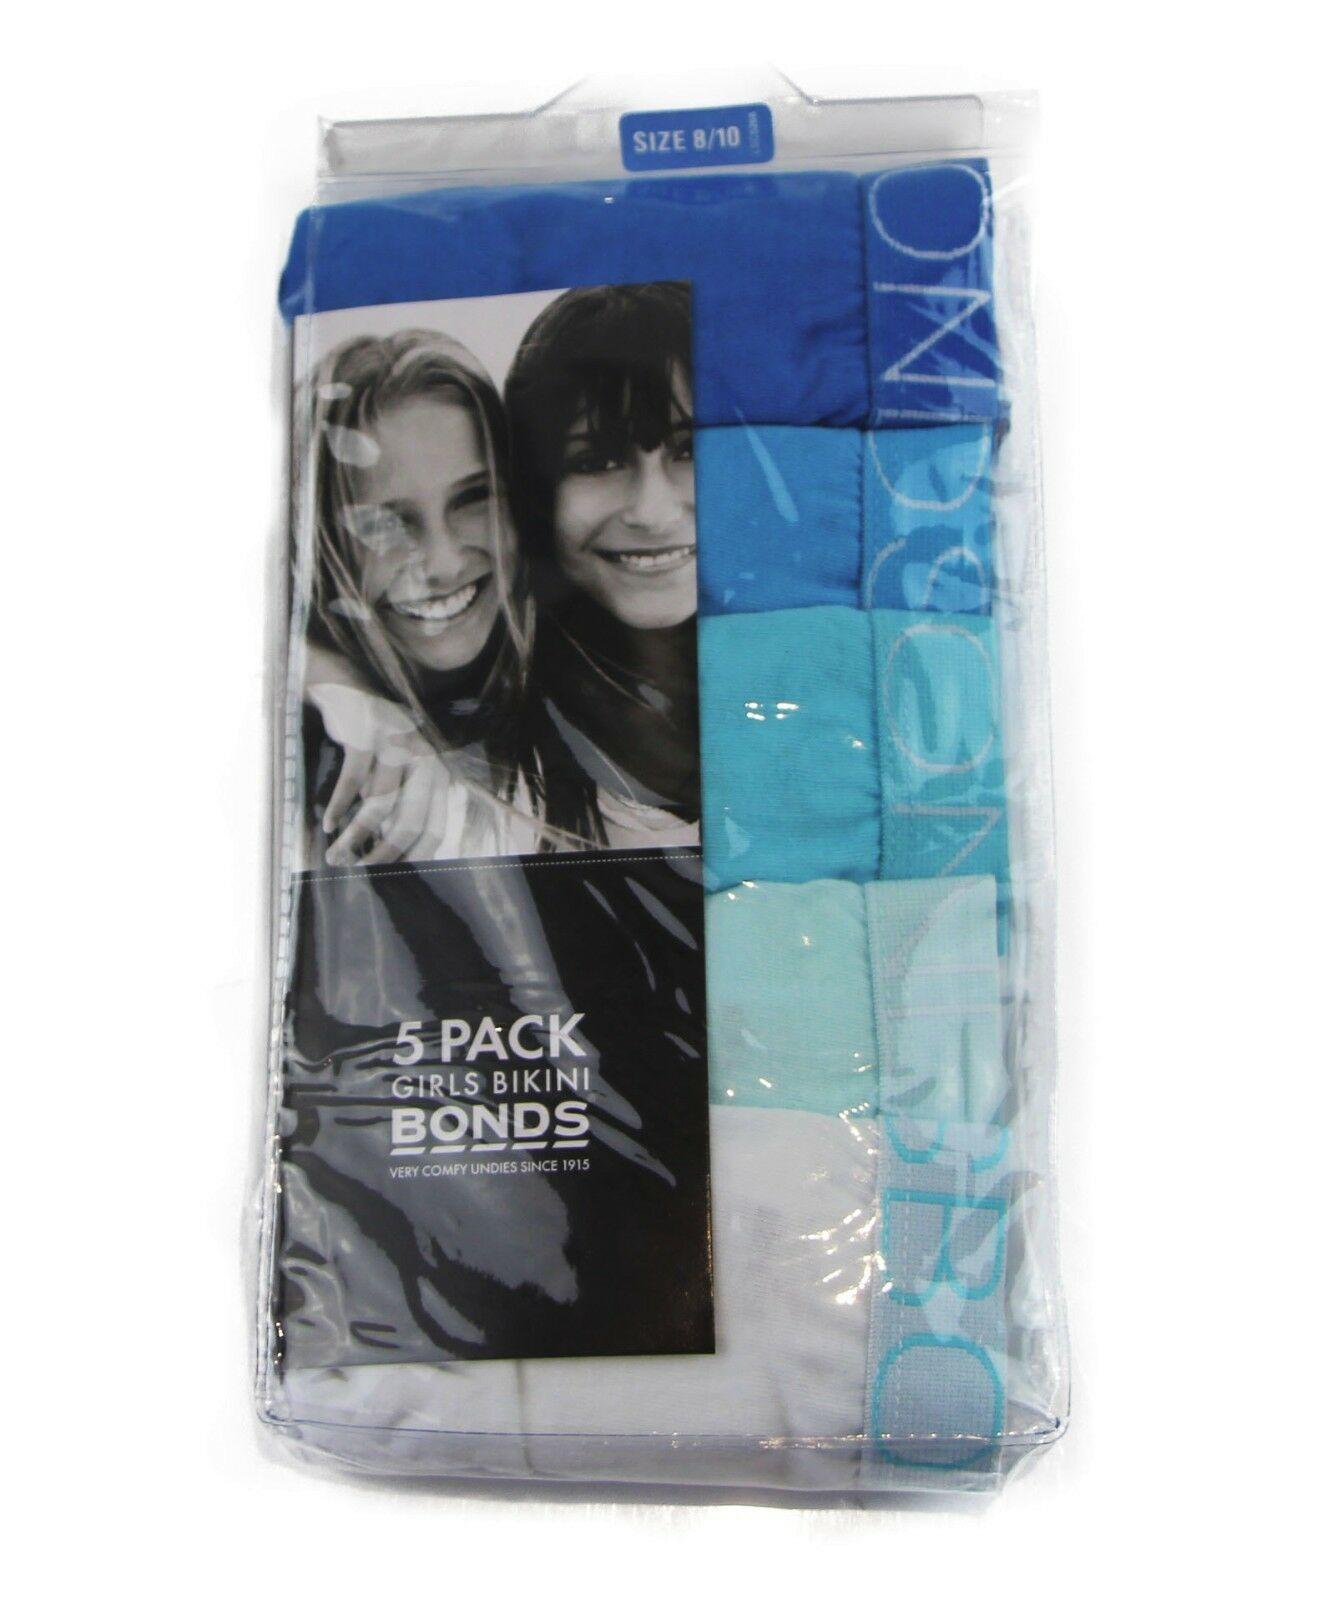 BONDS KIDS GIRLS UNDERWEAR 5 PACK PAIRS BRIEFS UNDIES WHITE BLUE AQUA SIZE 8 10